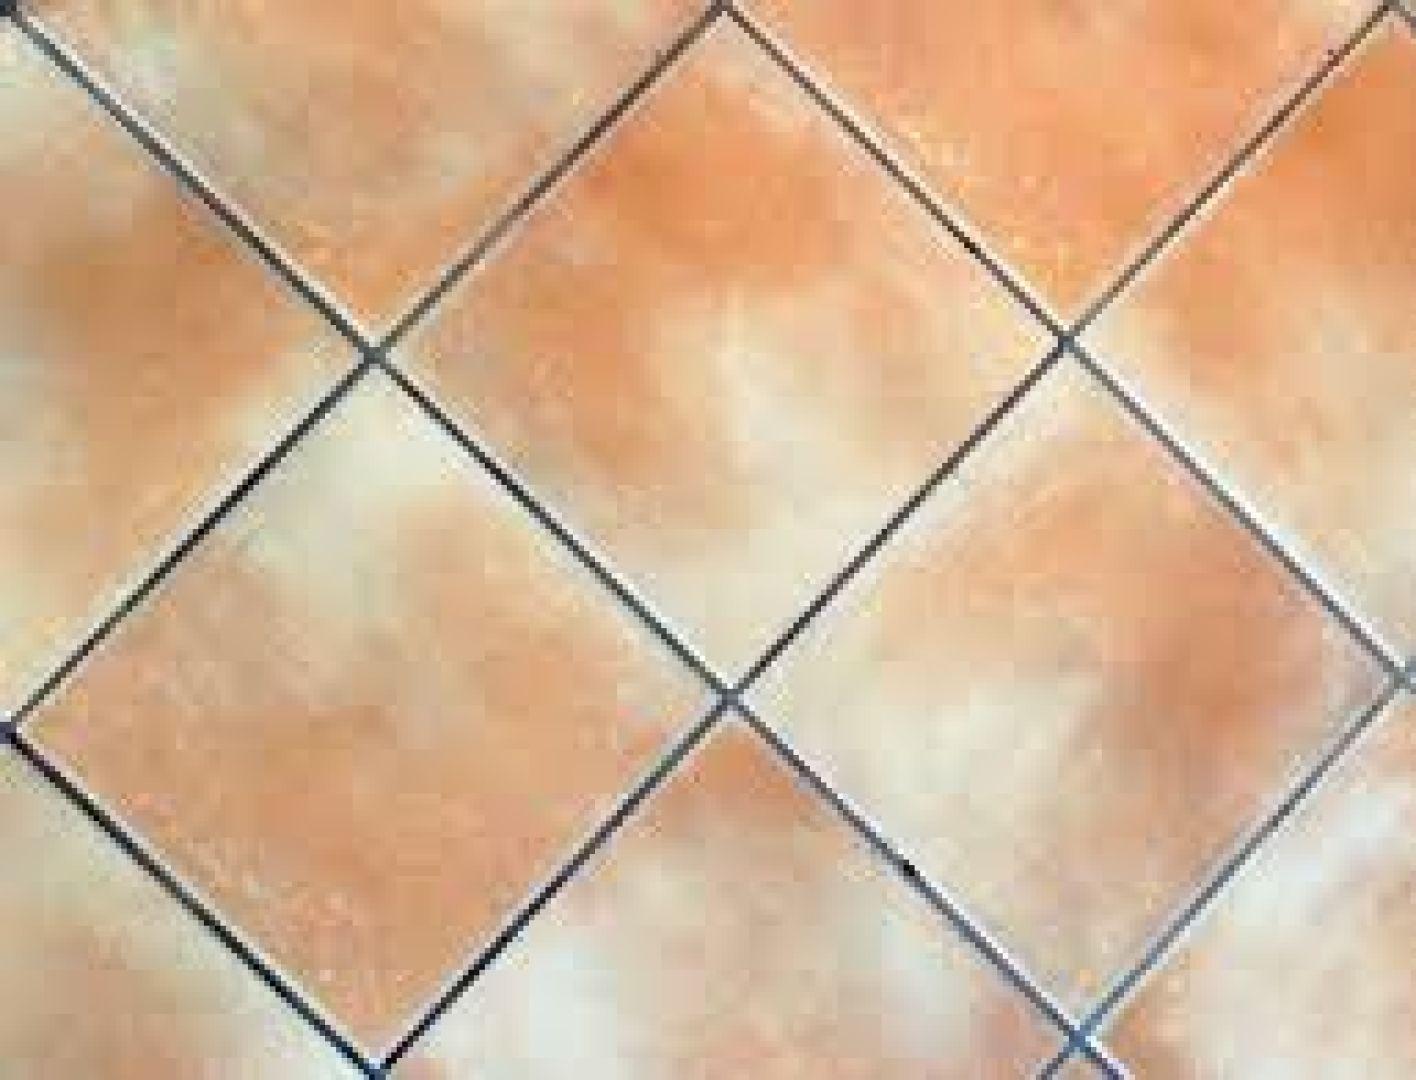 Comment Rénover Un Vieux Carrelage Au Sol poser un carrelage sur un ancien carrelage au sol | weber